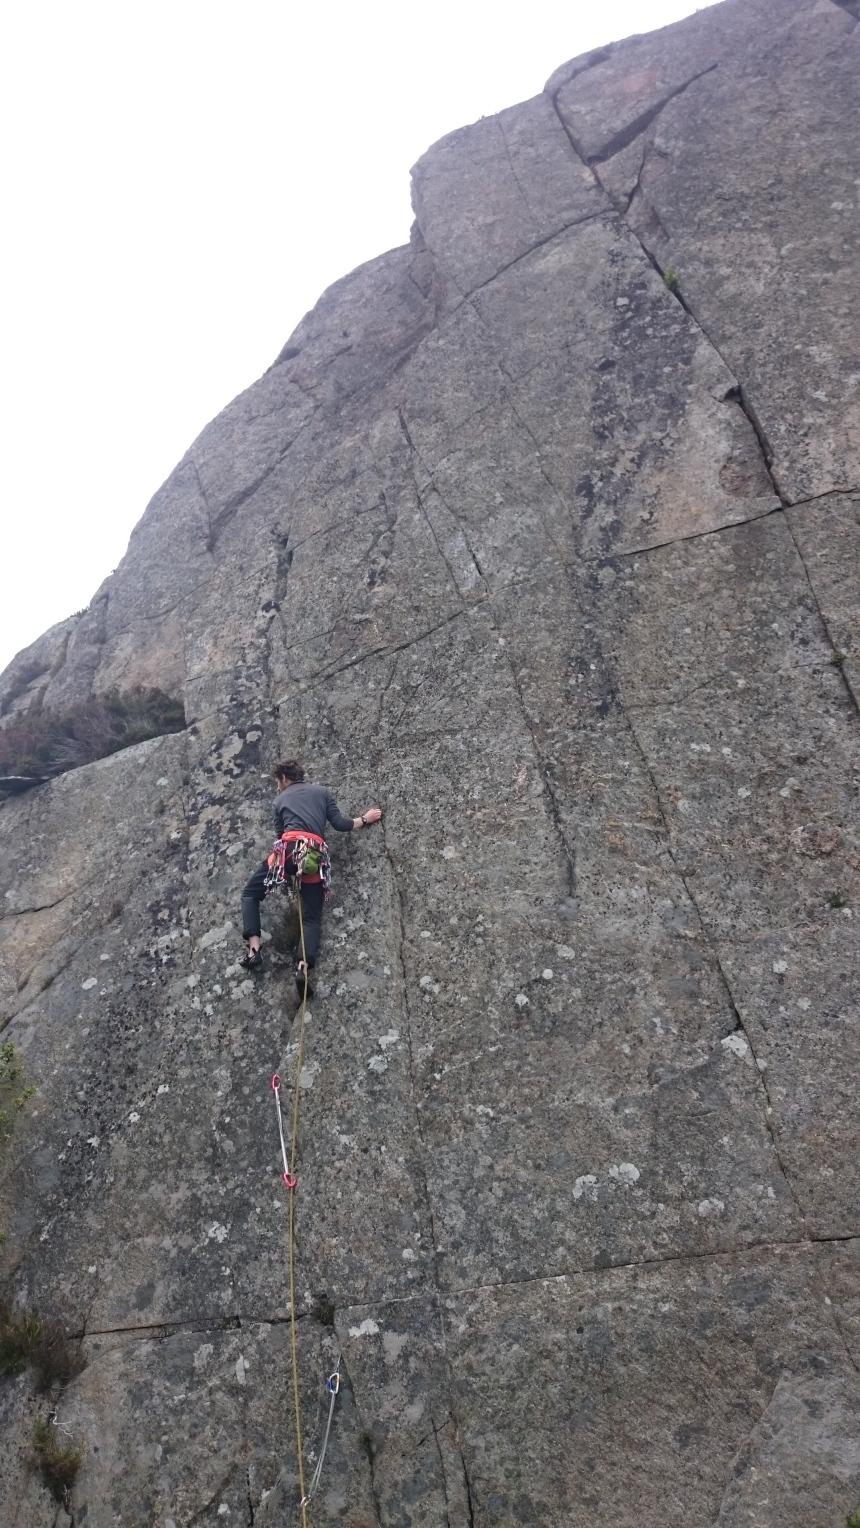 David climbing Midgearamadrama VS,4c